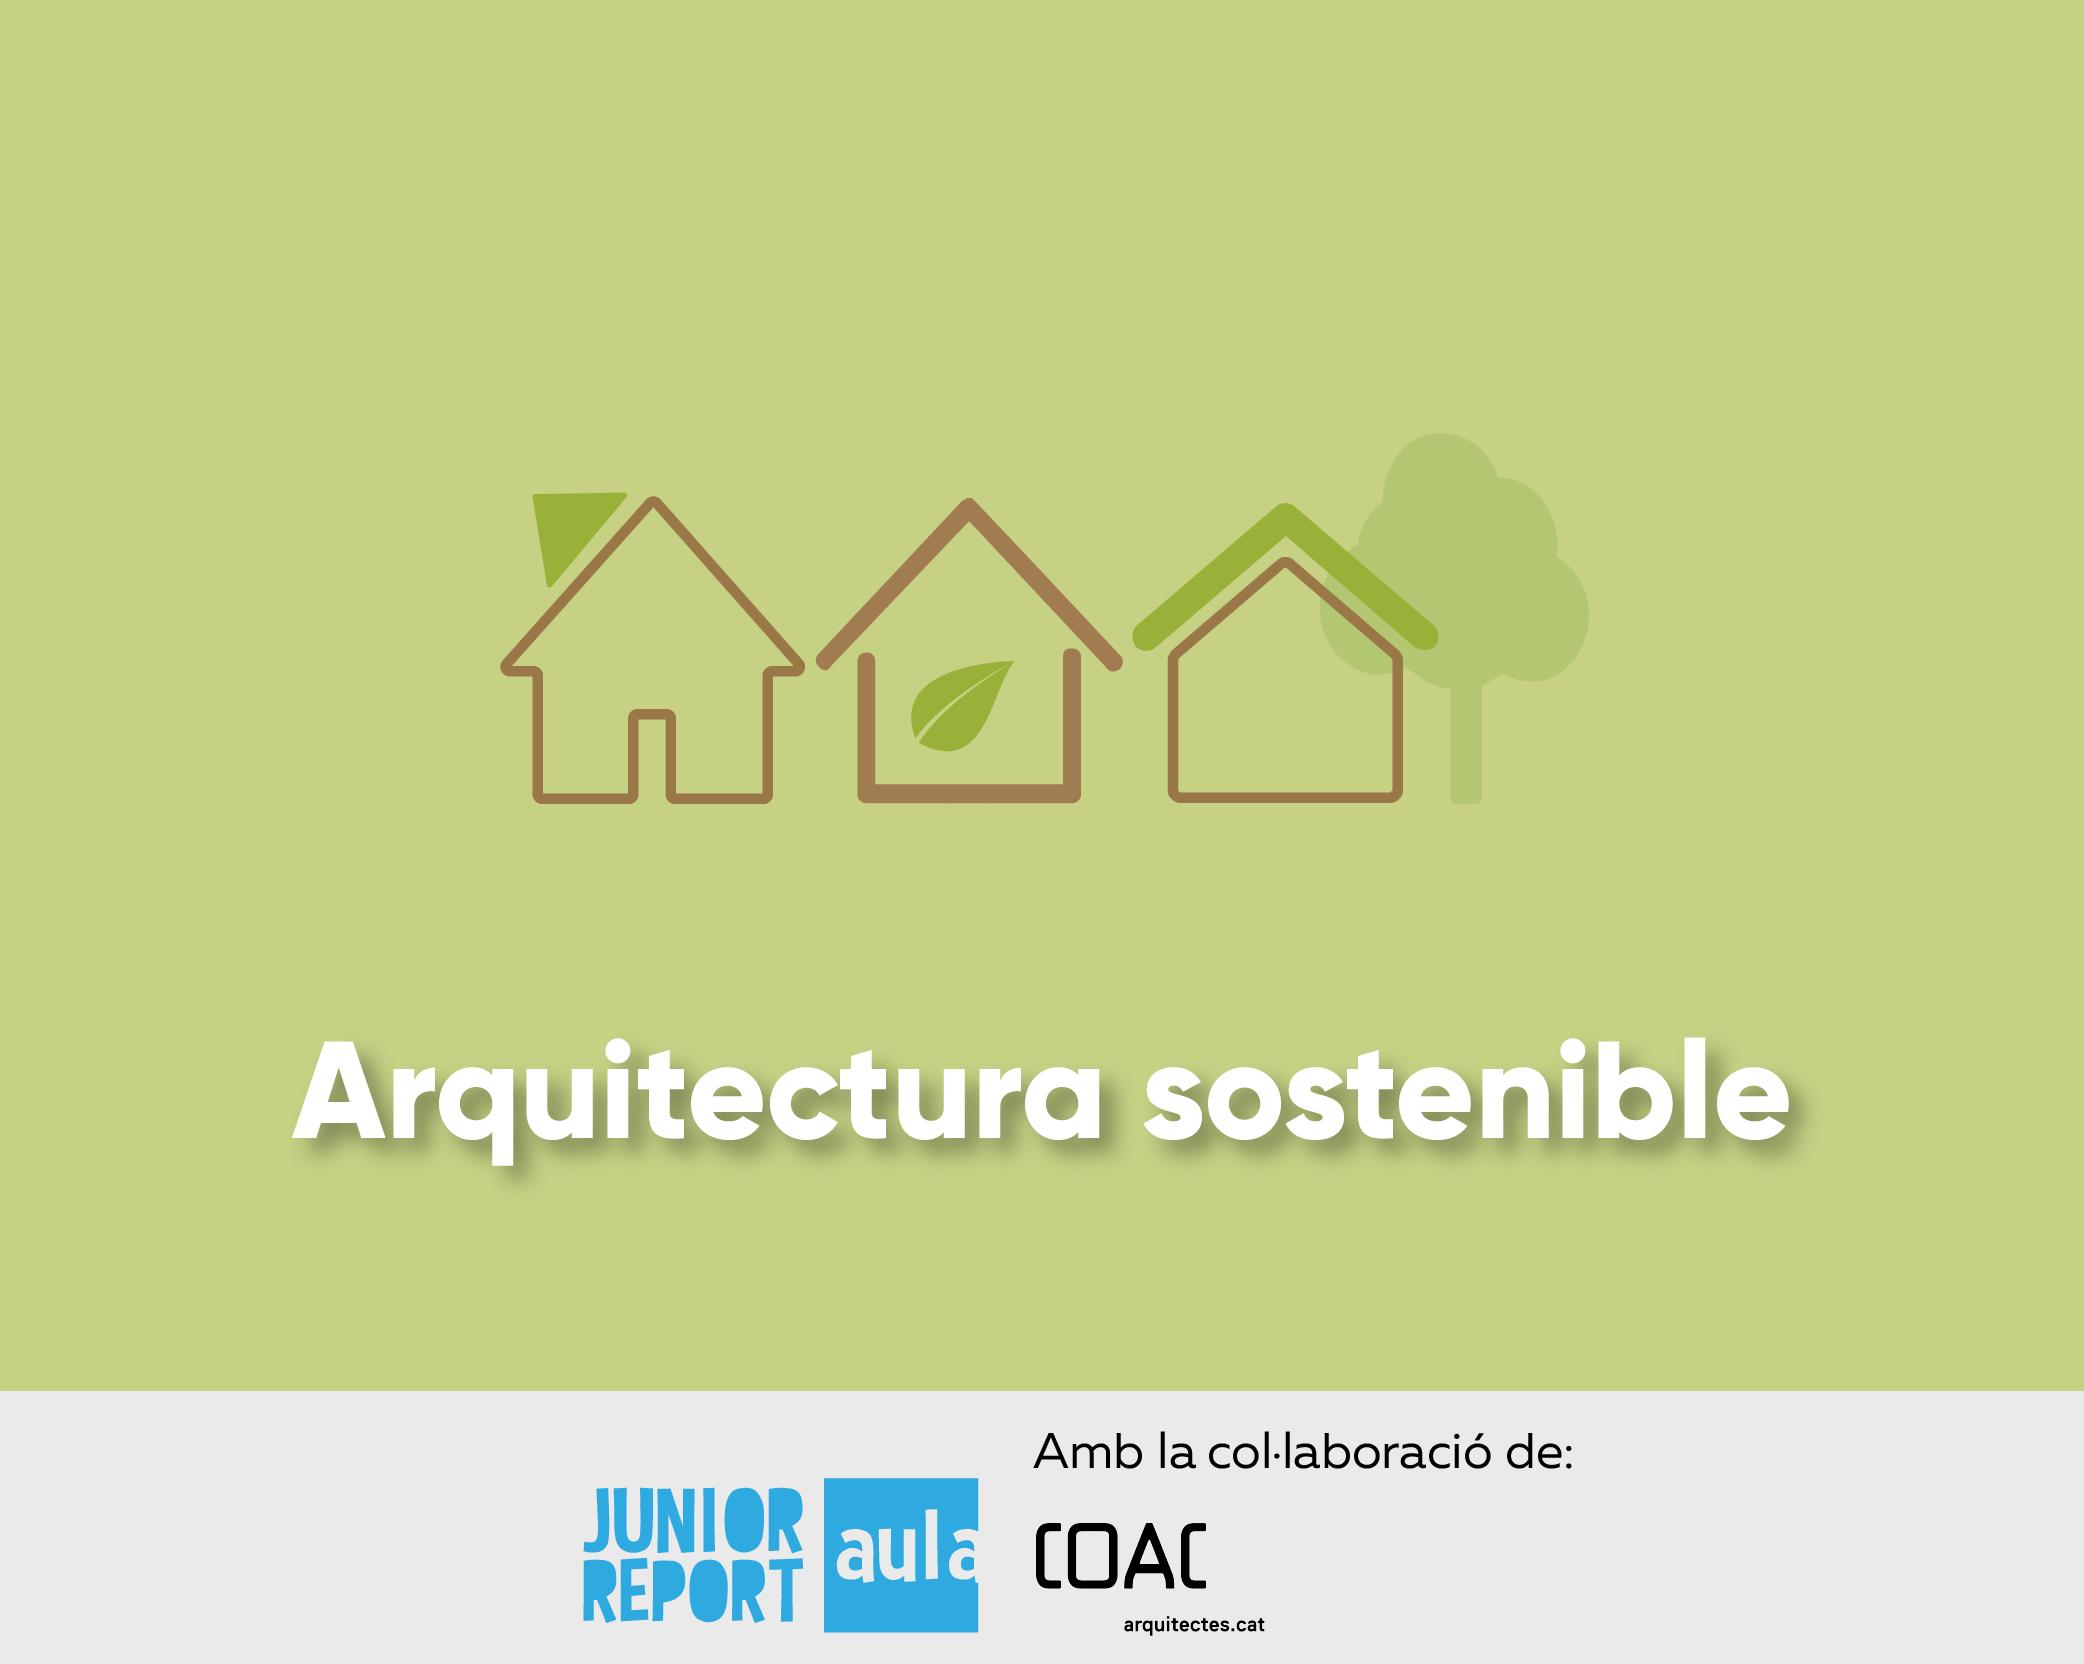 Unitat Didàctica sobre arquitectura sostenible en col·laboració amb COAC